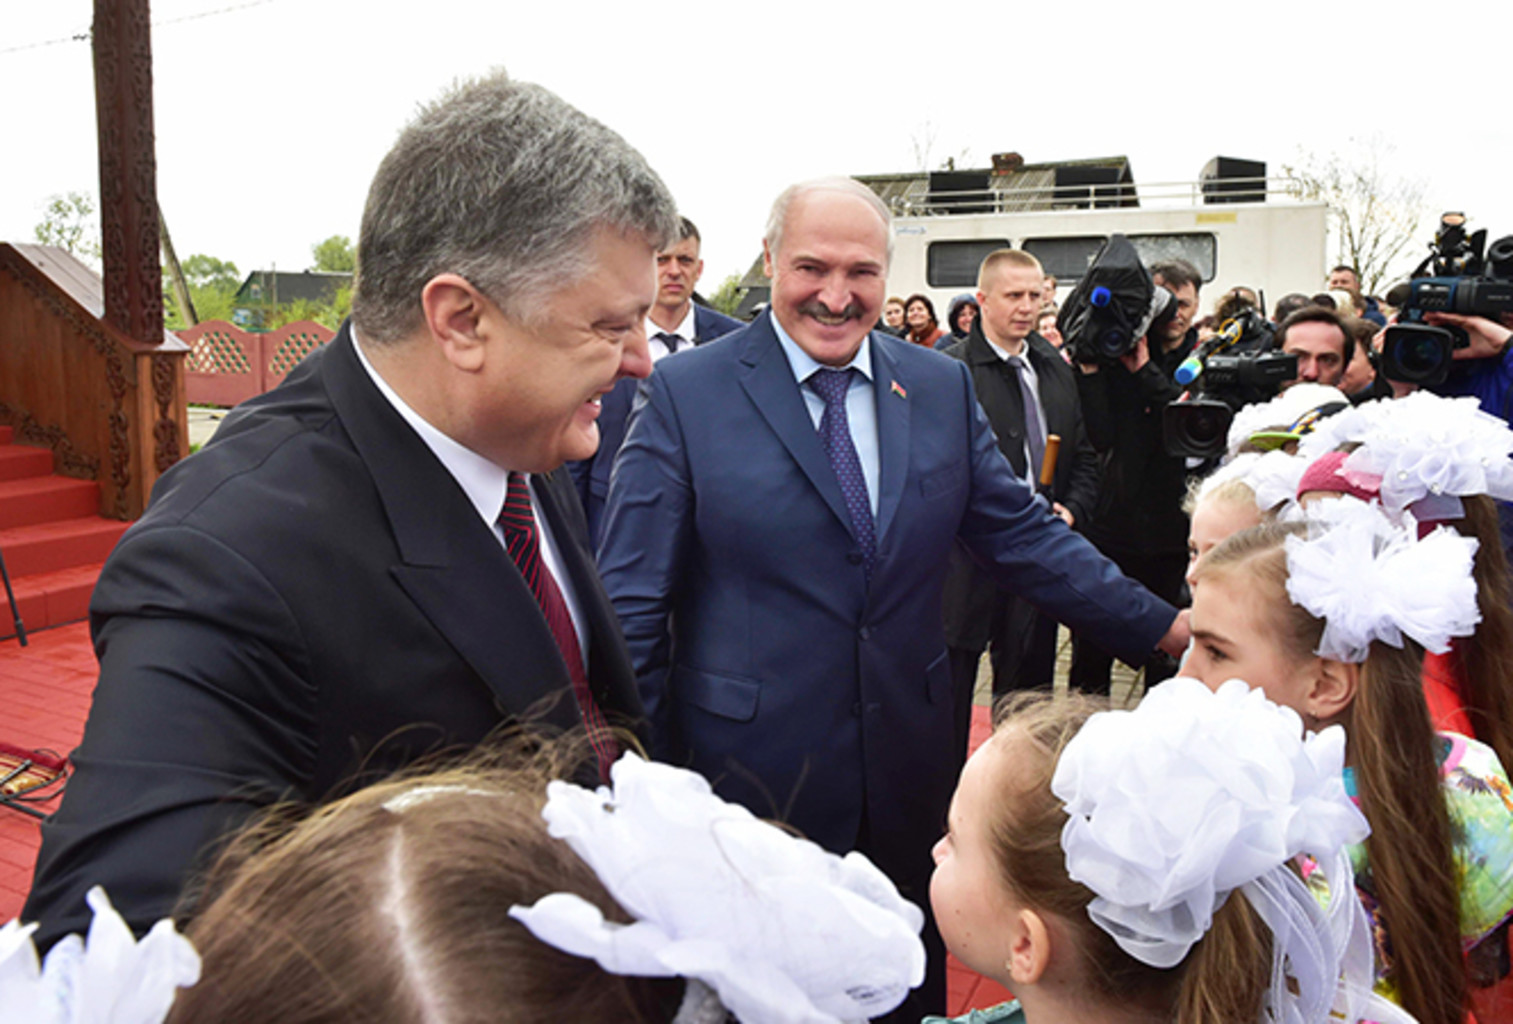 Poroshenko lukashenko 26042017 3